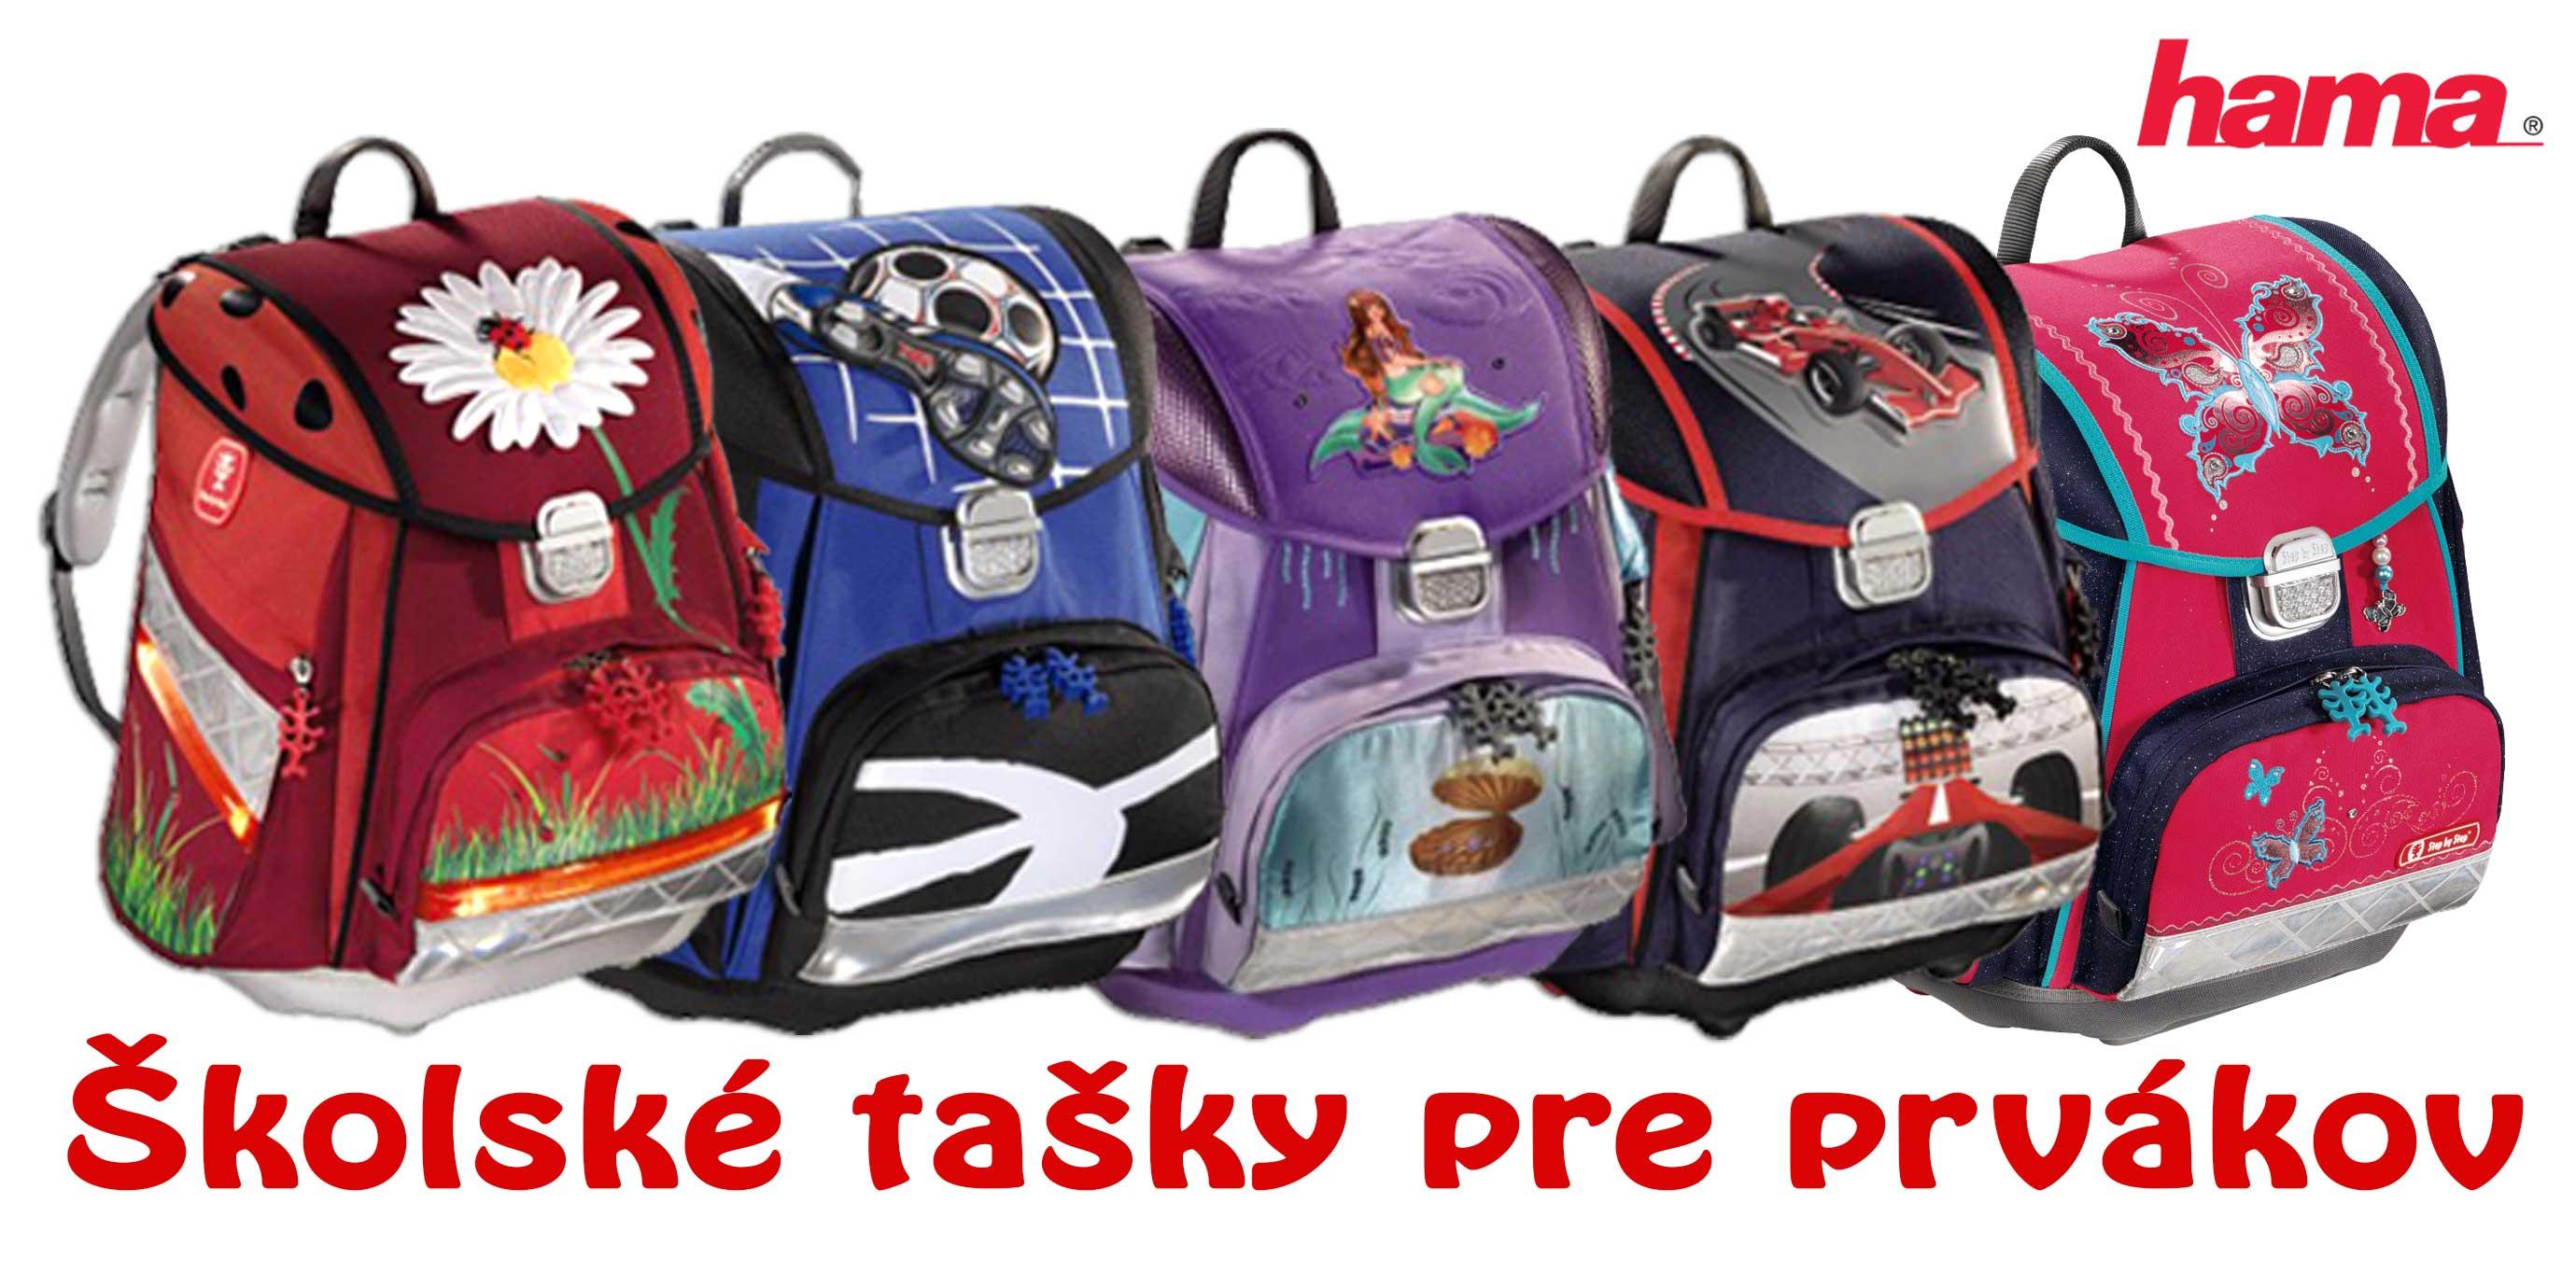 43227fec16 Školské tašky Hama - HamaEshop.sk